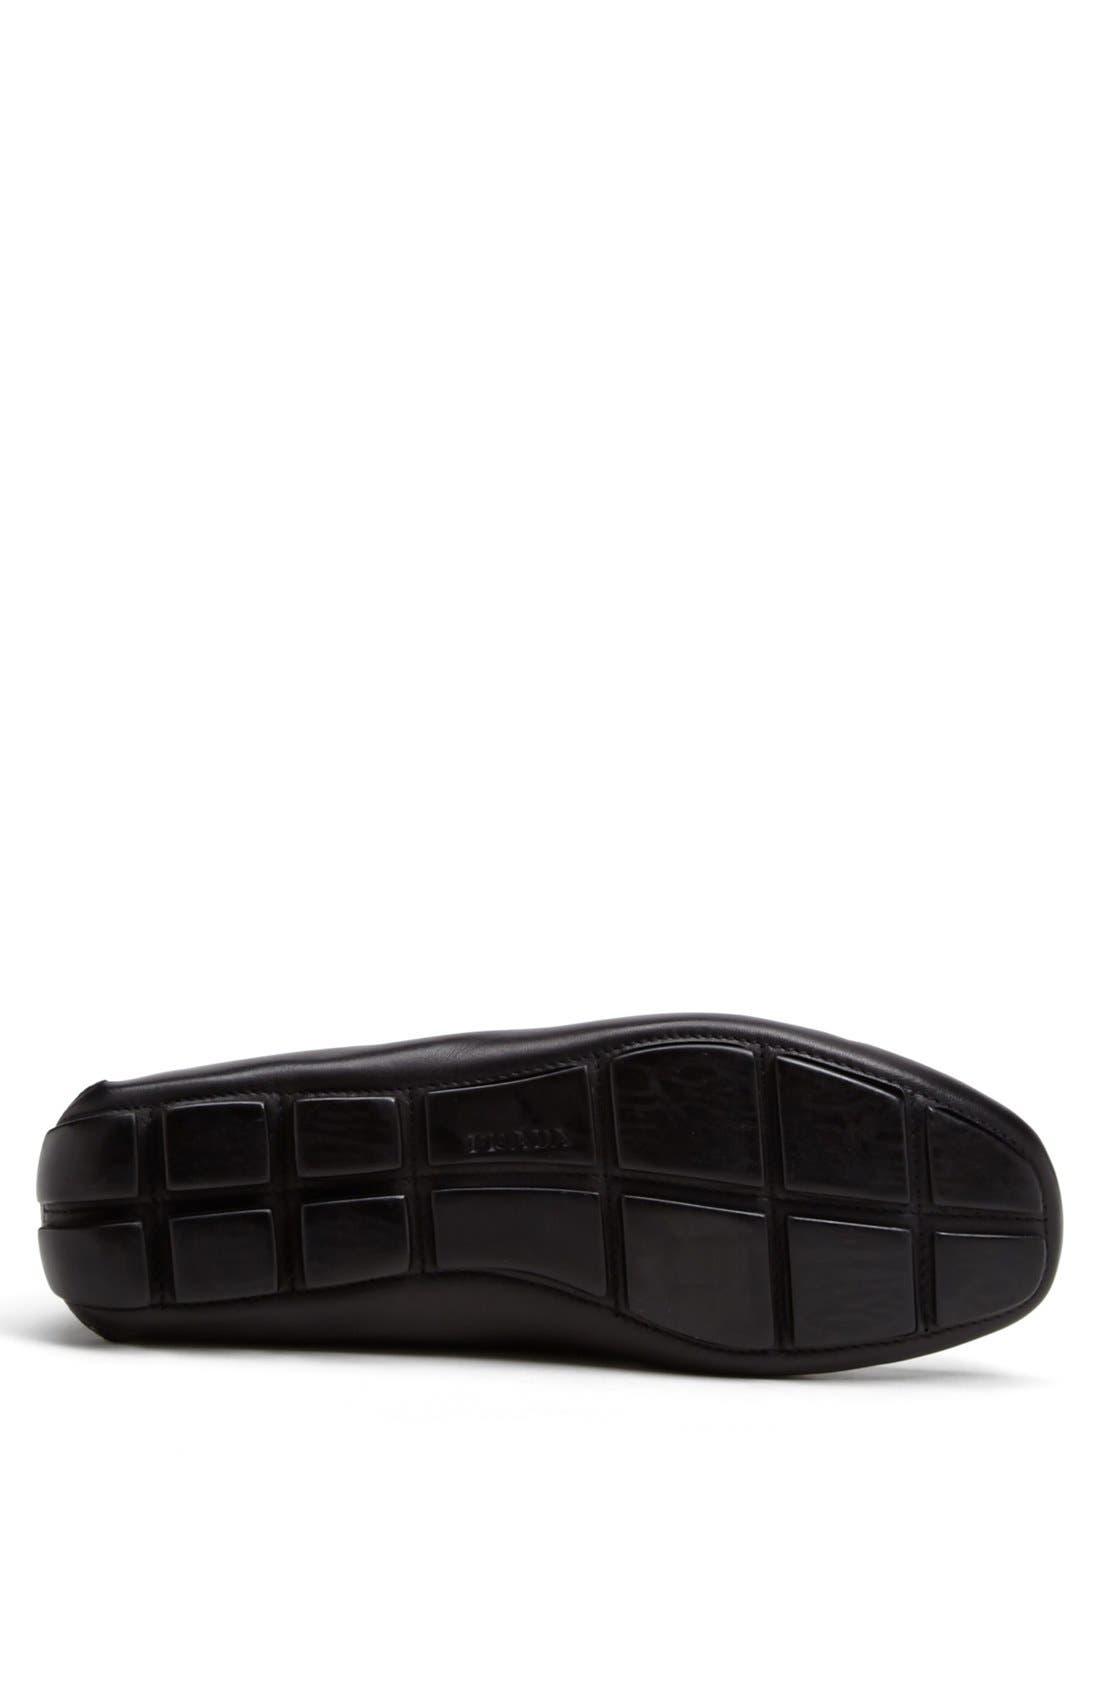 Alternate Image 4  - Prada Logo Bit Driving Shoe (Men)